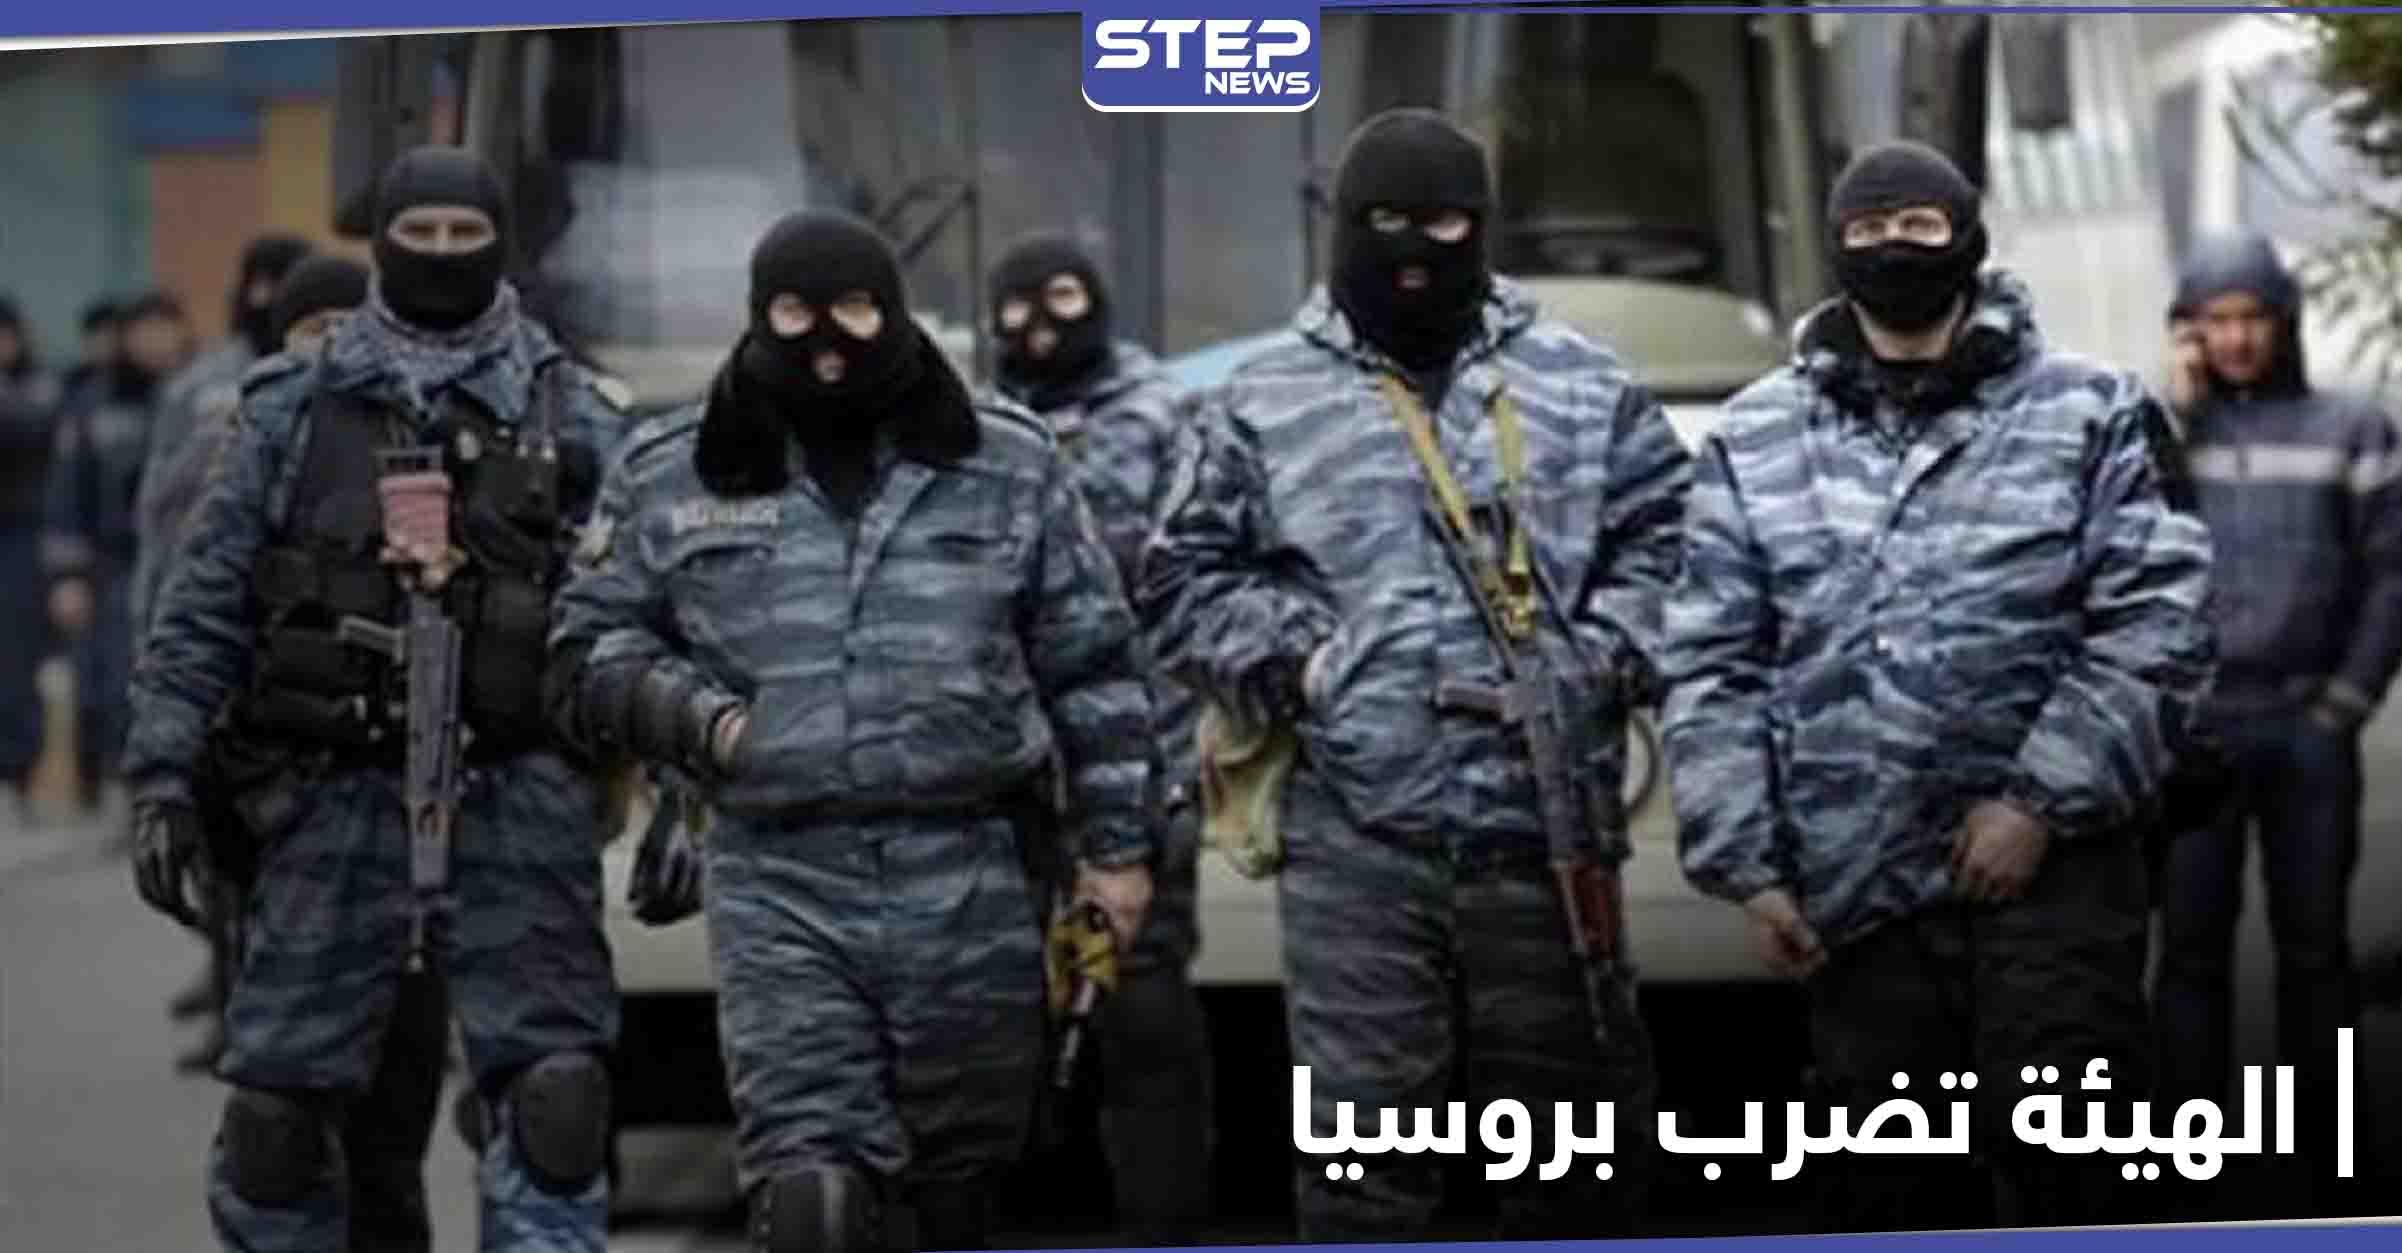 """روسيا تتهم """"هيئة تحرير الشام"""" بتنفيذ هجوم نادر بالقرم وتنشر التفاصيل"""